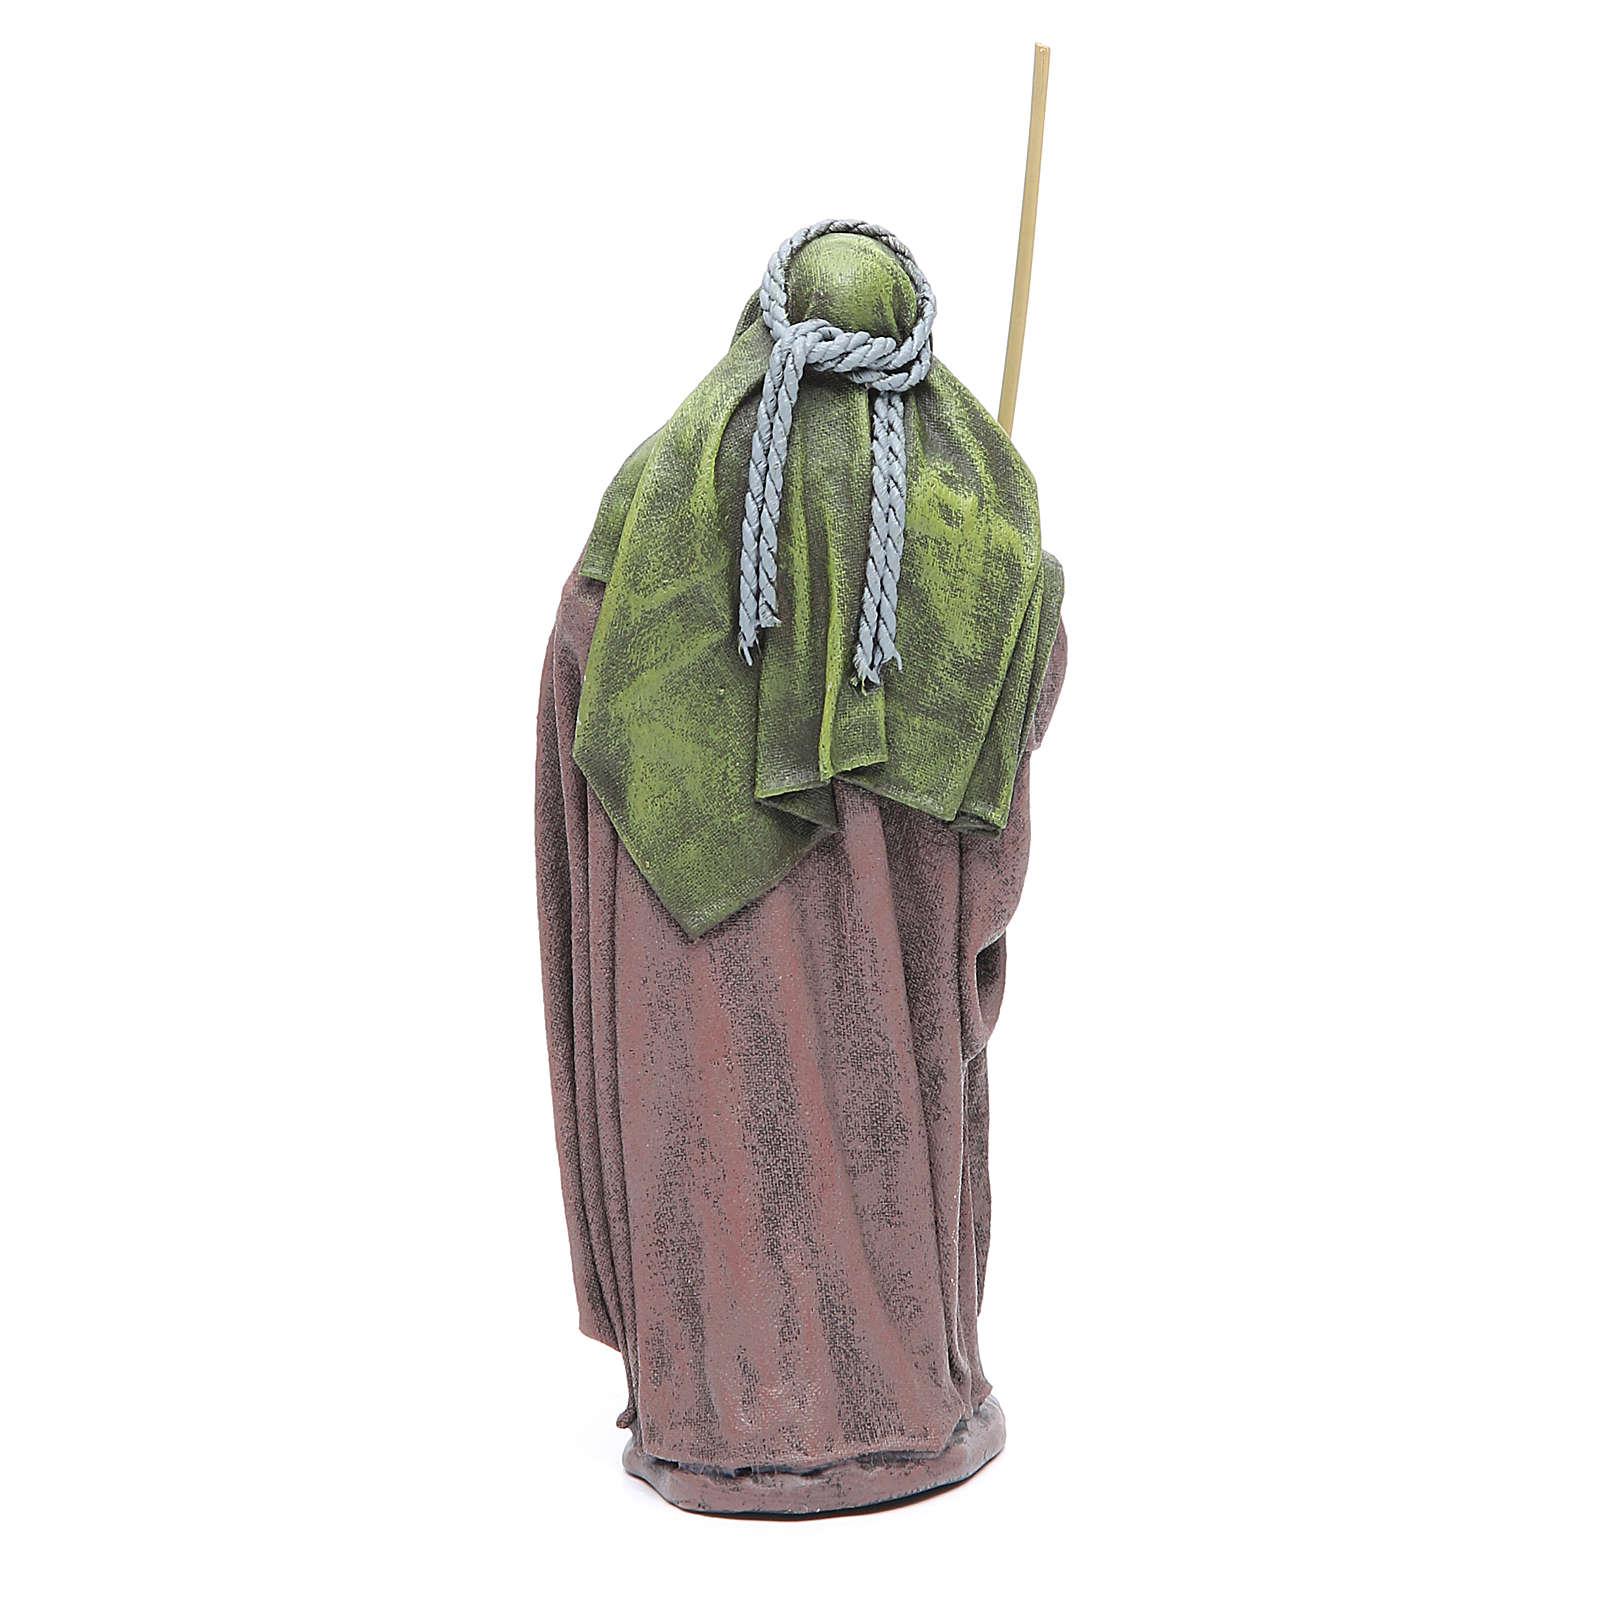 Pastore con bisaccia terracotta presepe 17 cm 3